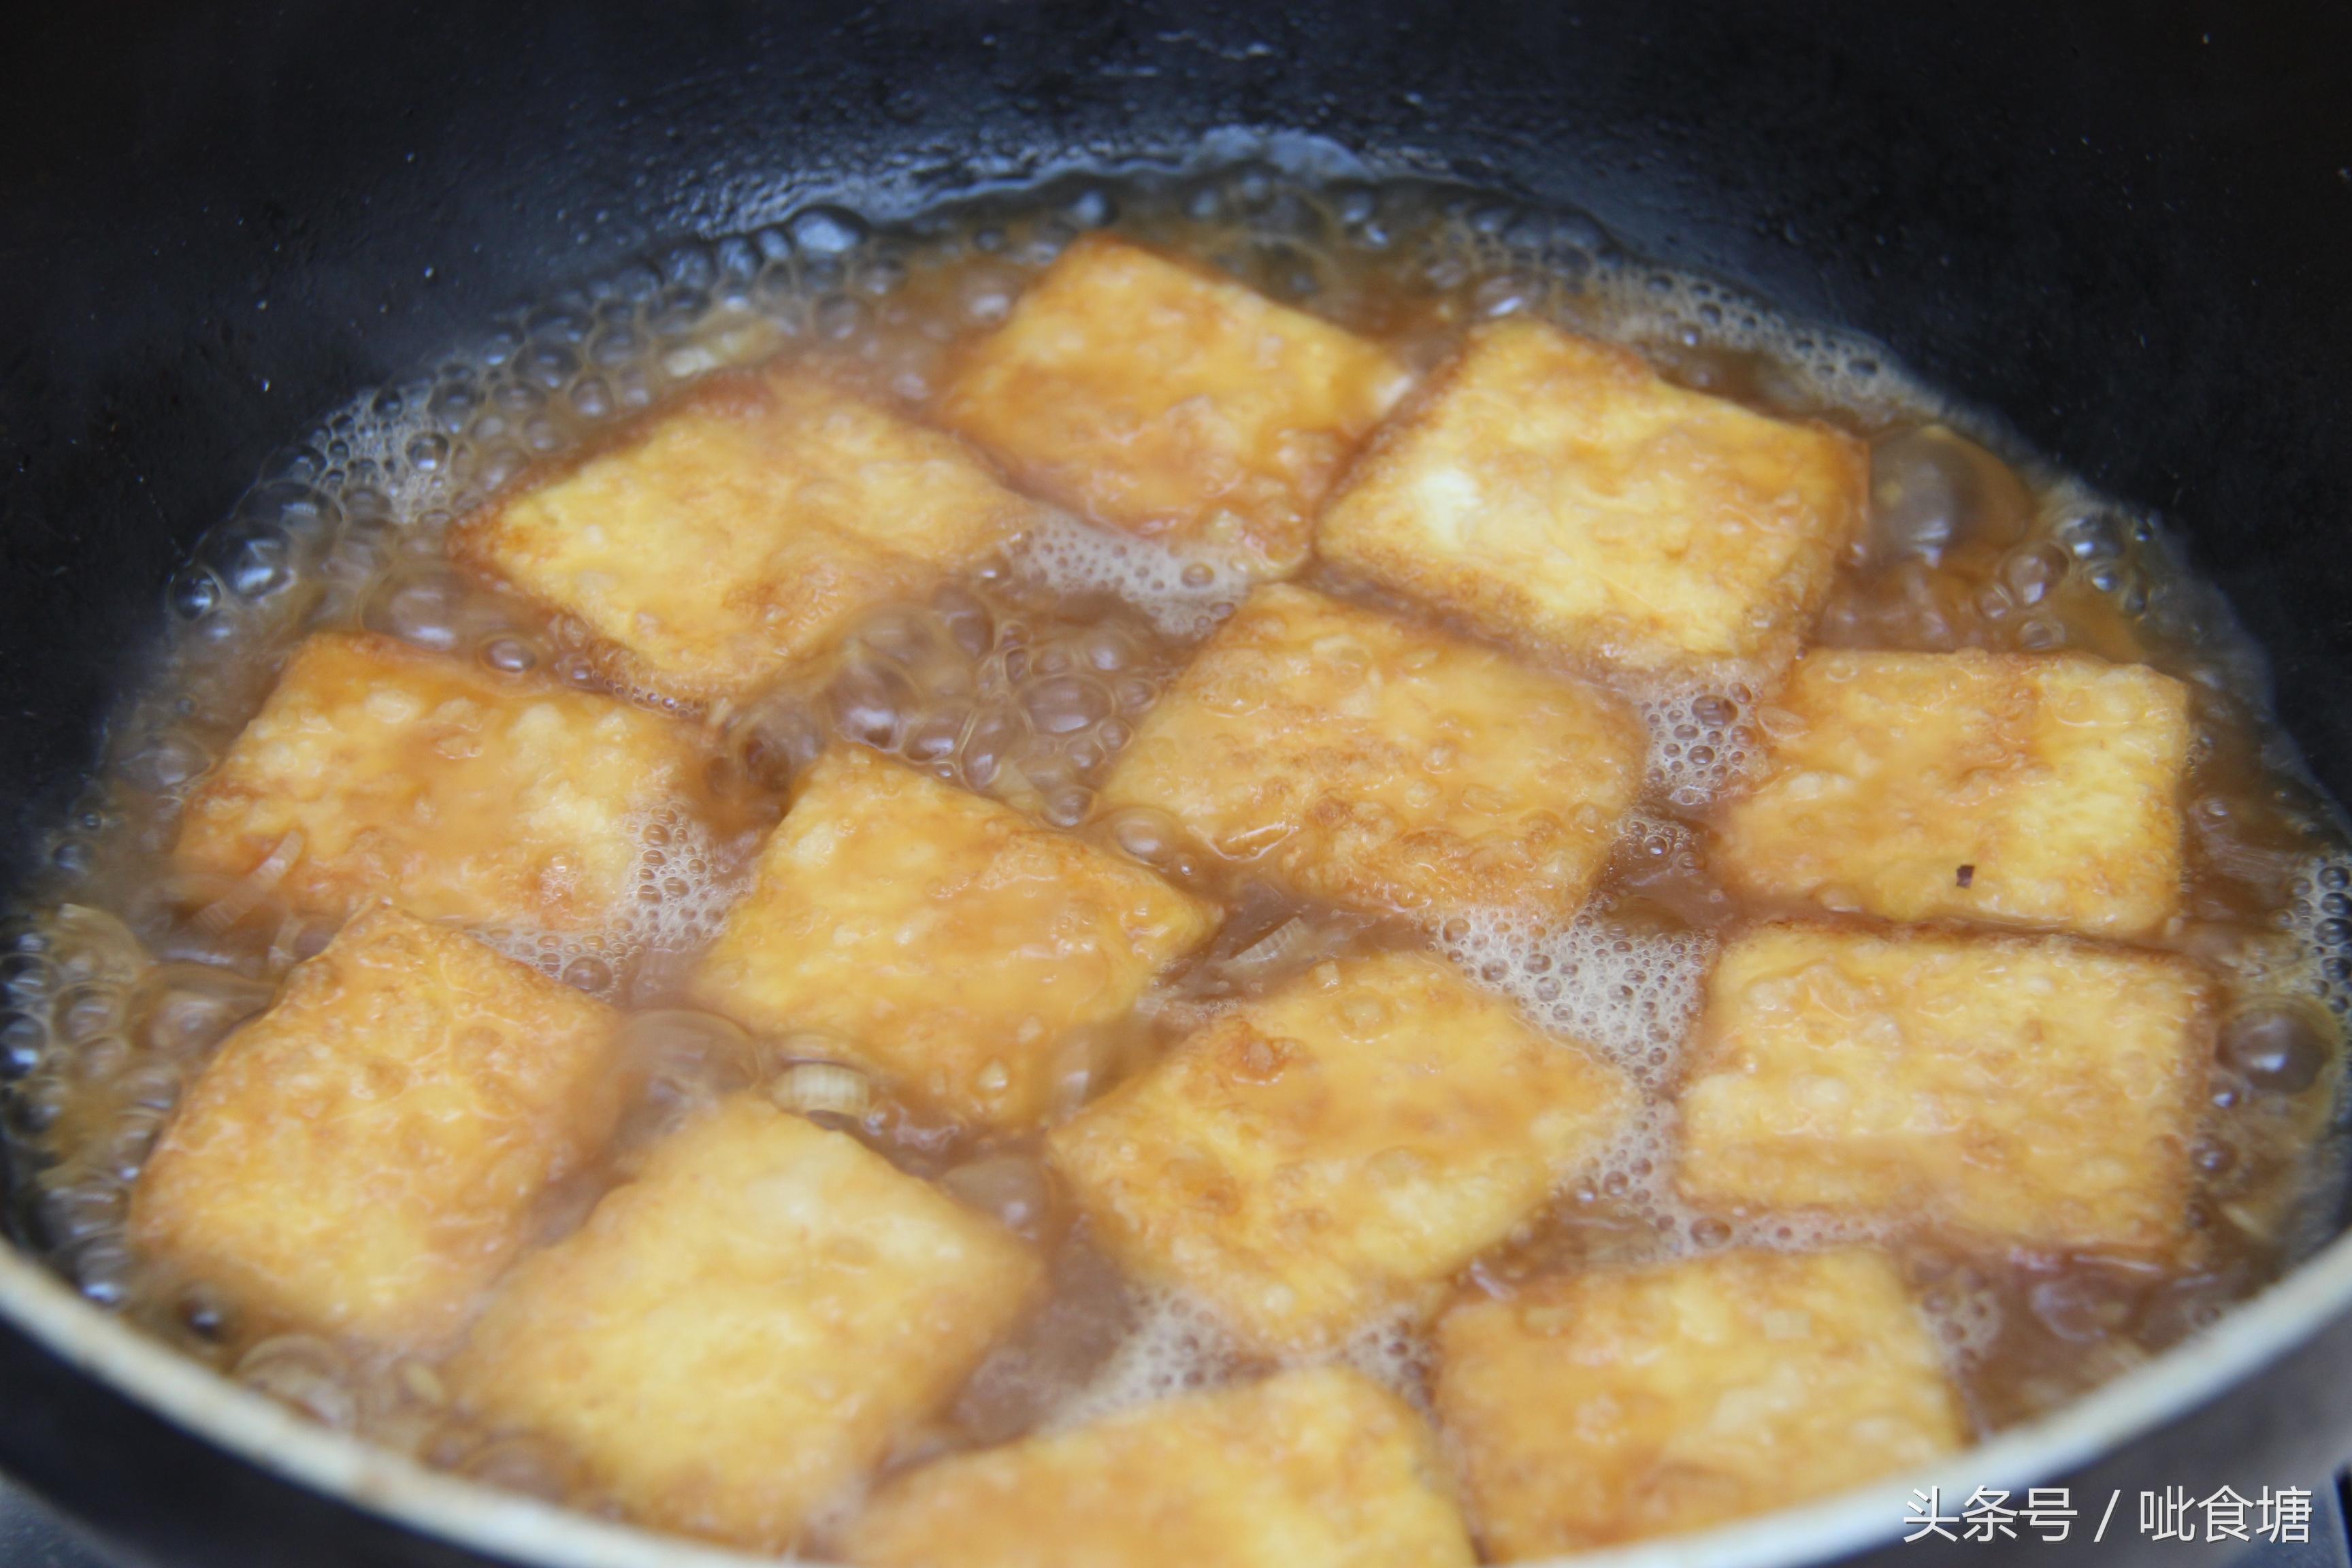 经典鲁菜锅塌豆腐 做法其实很简单 锅塌豆腐 第11张